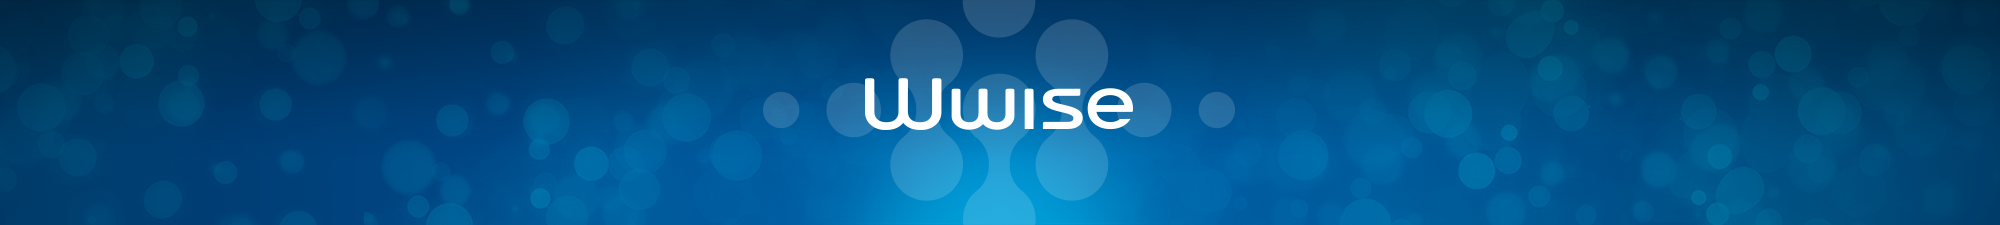 AUDIO-Entetes2020-2000x225-Wwise-NoBubbles-03-1